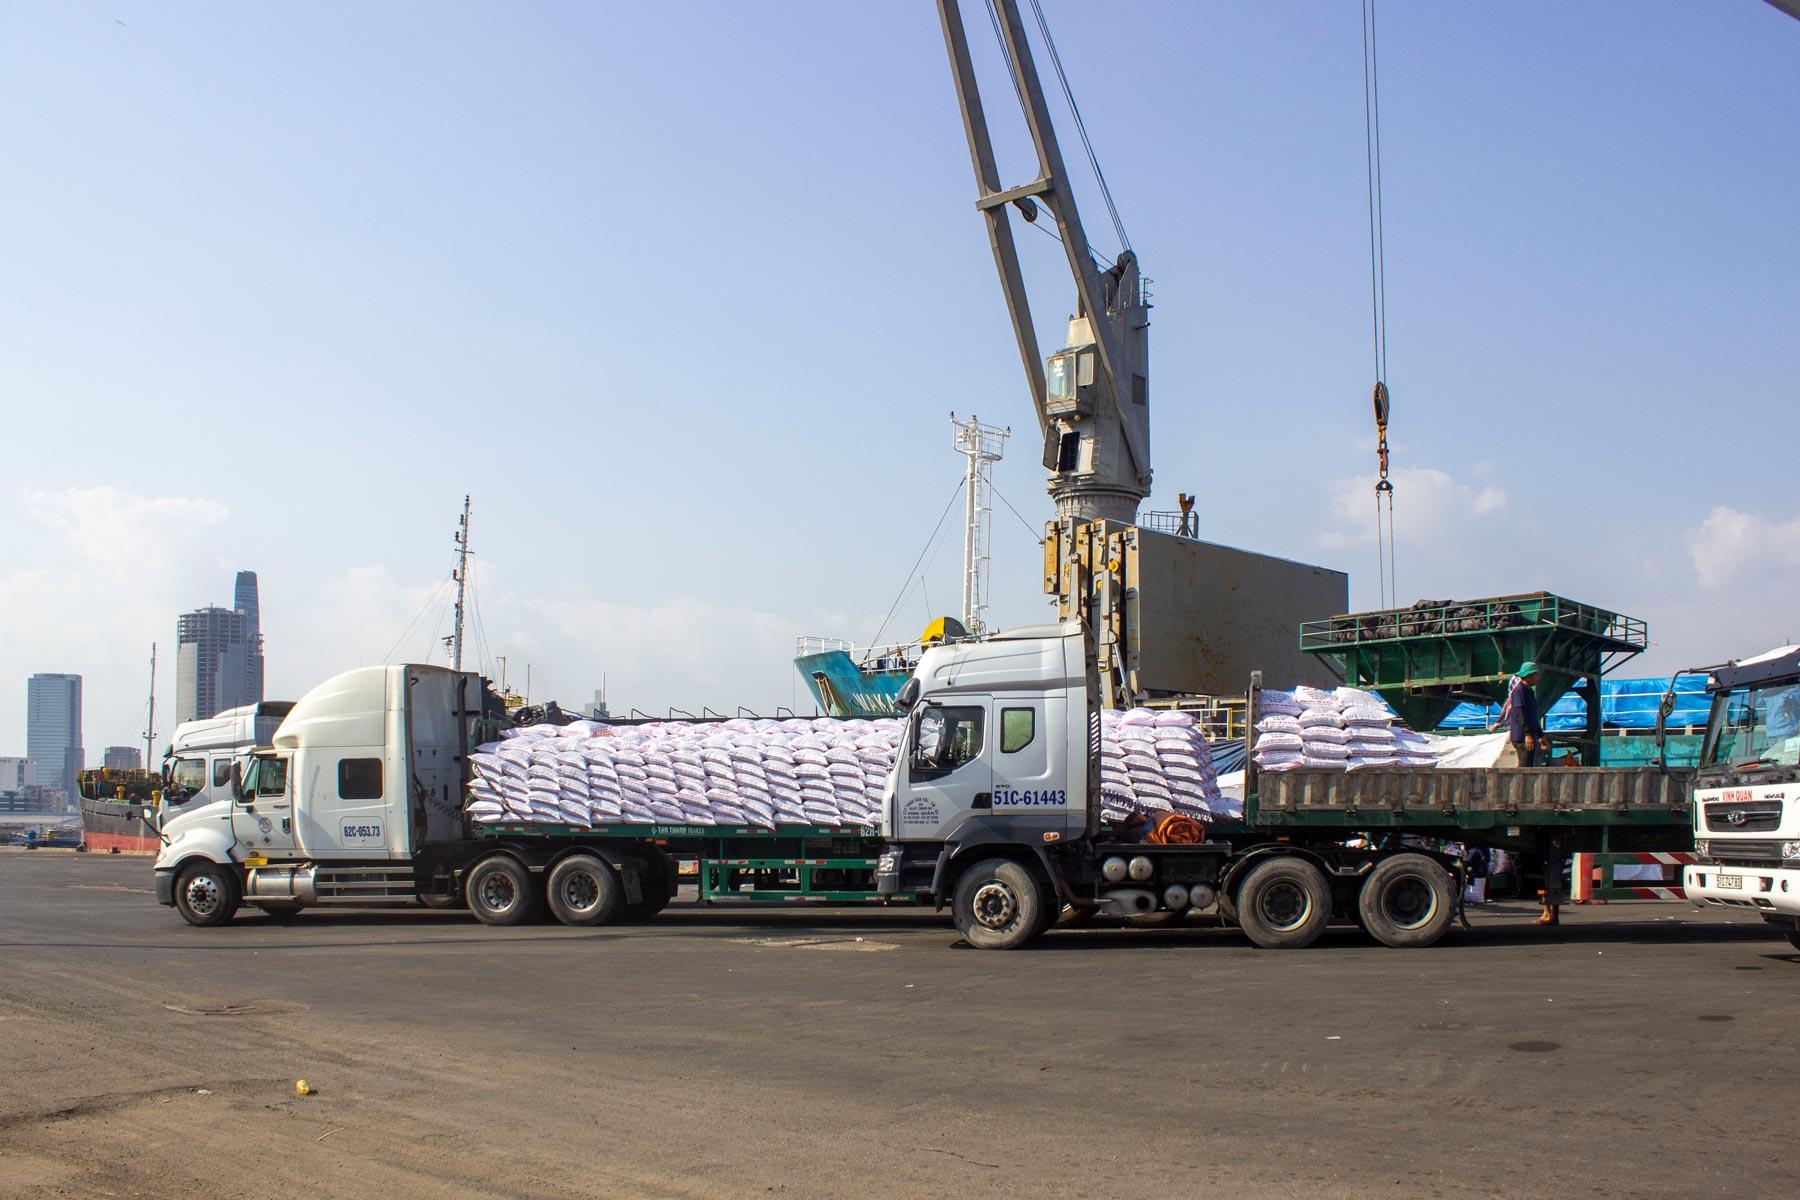 Các sản phẩm phân bón DAP và MAP nhập khẩu vào Việt Nam được áp dụng biện pháp thuế tự vệ kể từ 02/03/2018